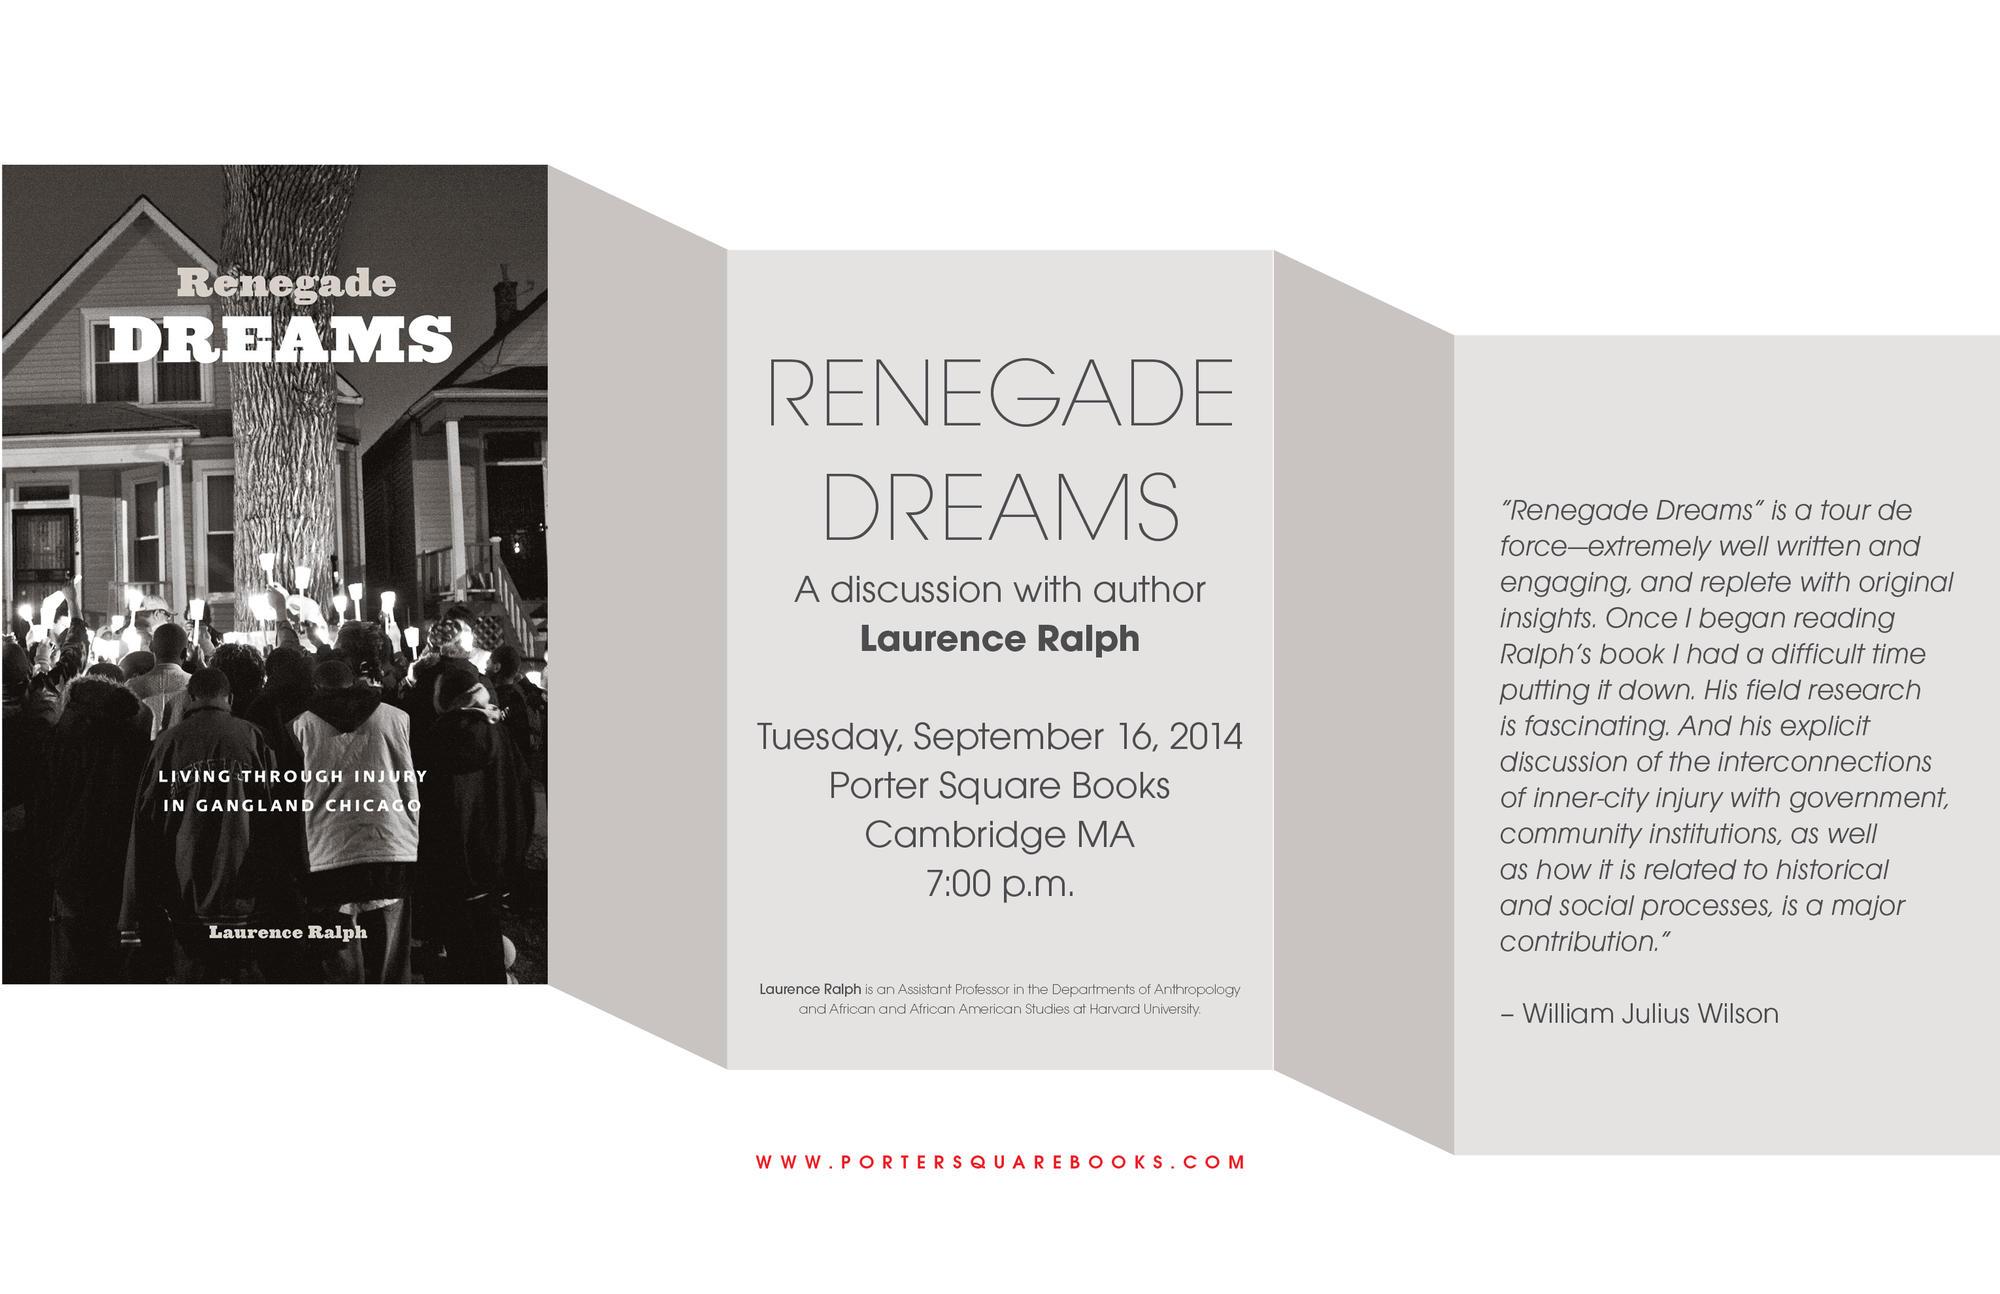 renegade dreams laurence ralph pdf